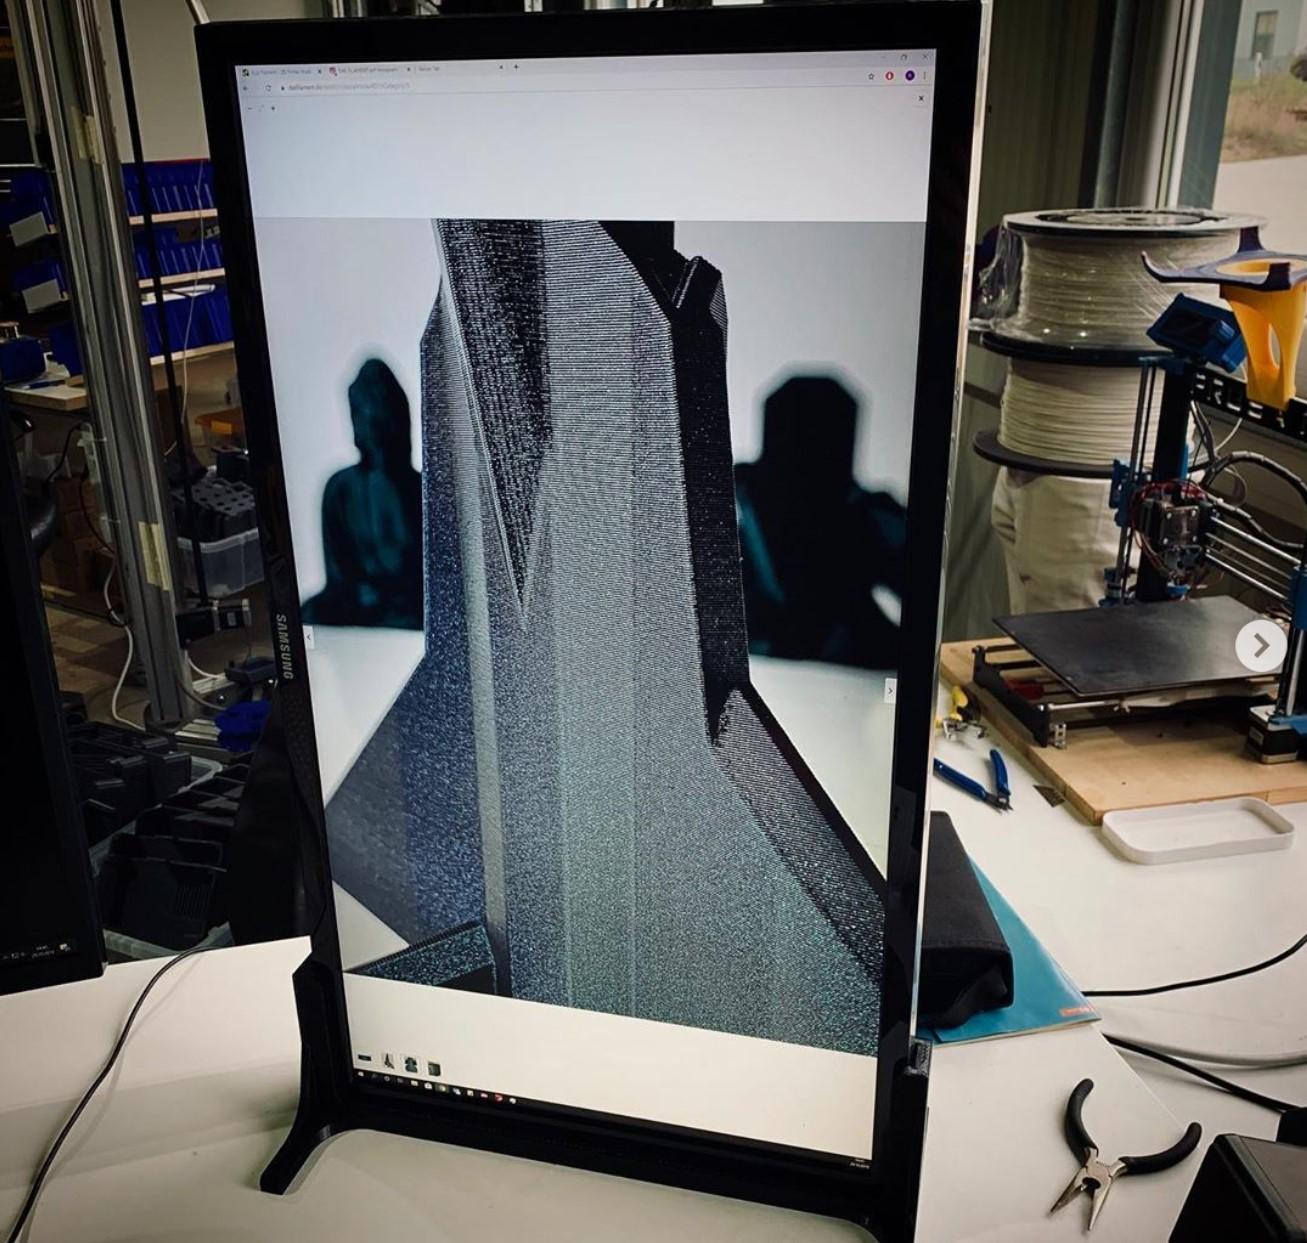 Nützliche 3D Drucke: Bildschirmhalter für die vertikale Monitorausrichtung.